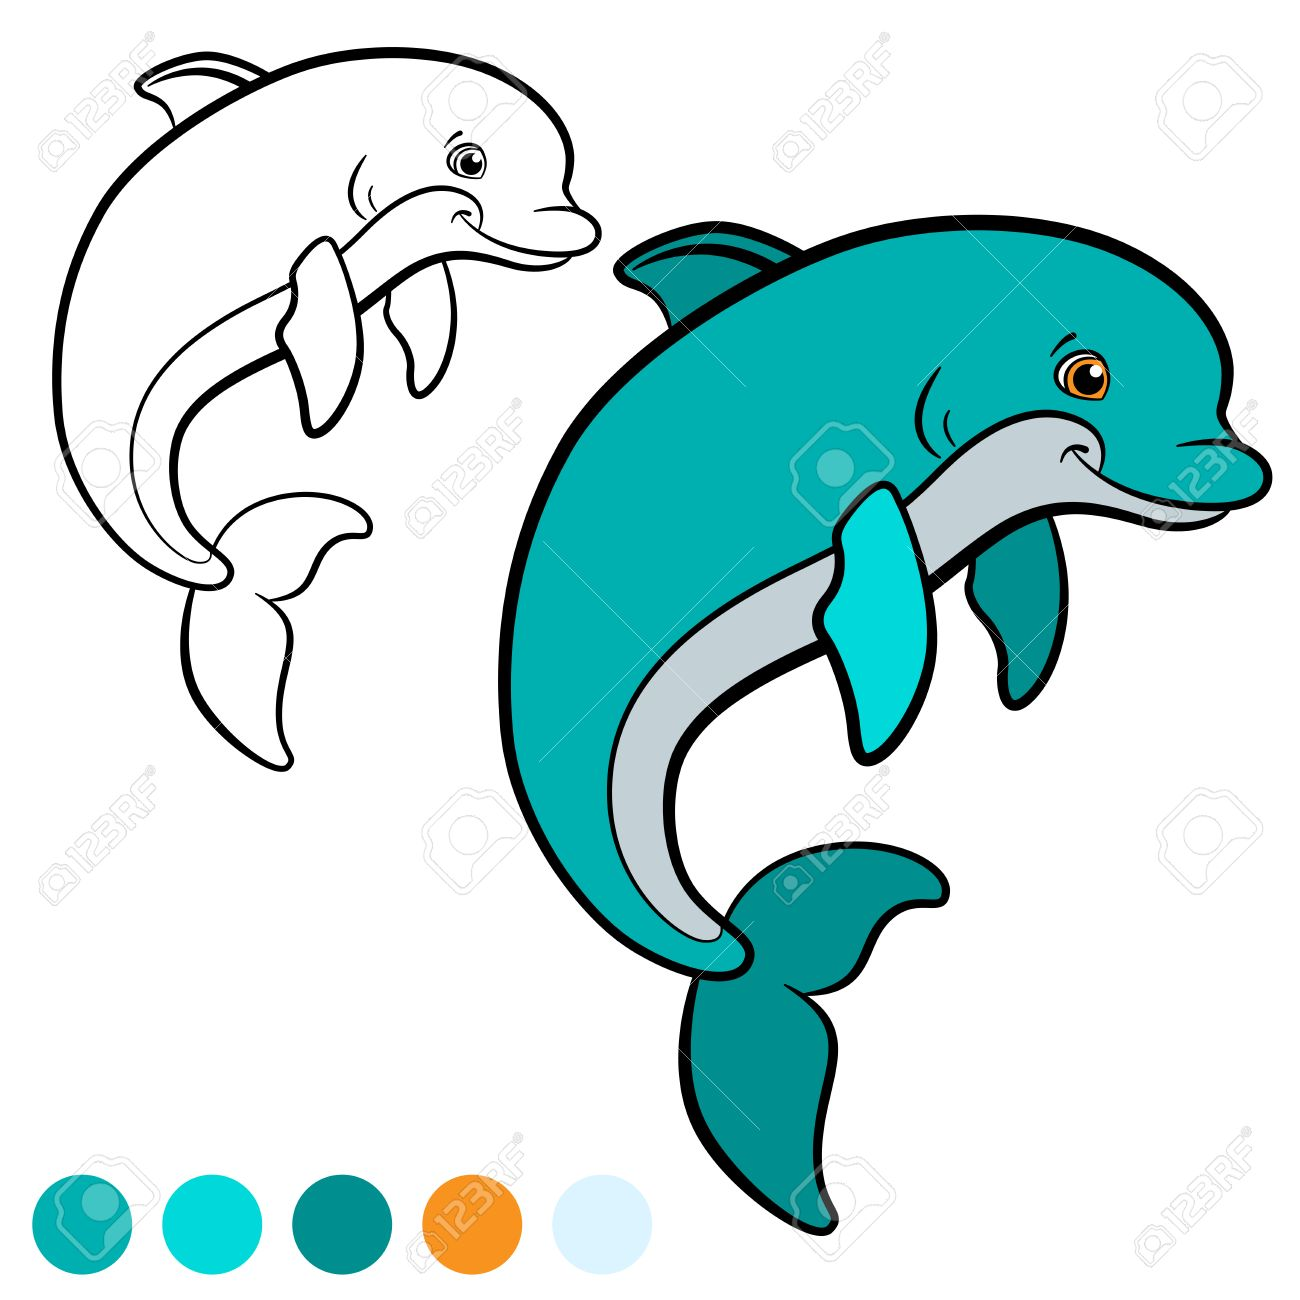 Hermosa Página Para Colorear De Delfines Bosquejo - Dibujos Para ...